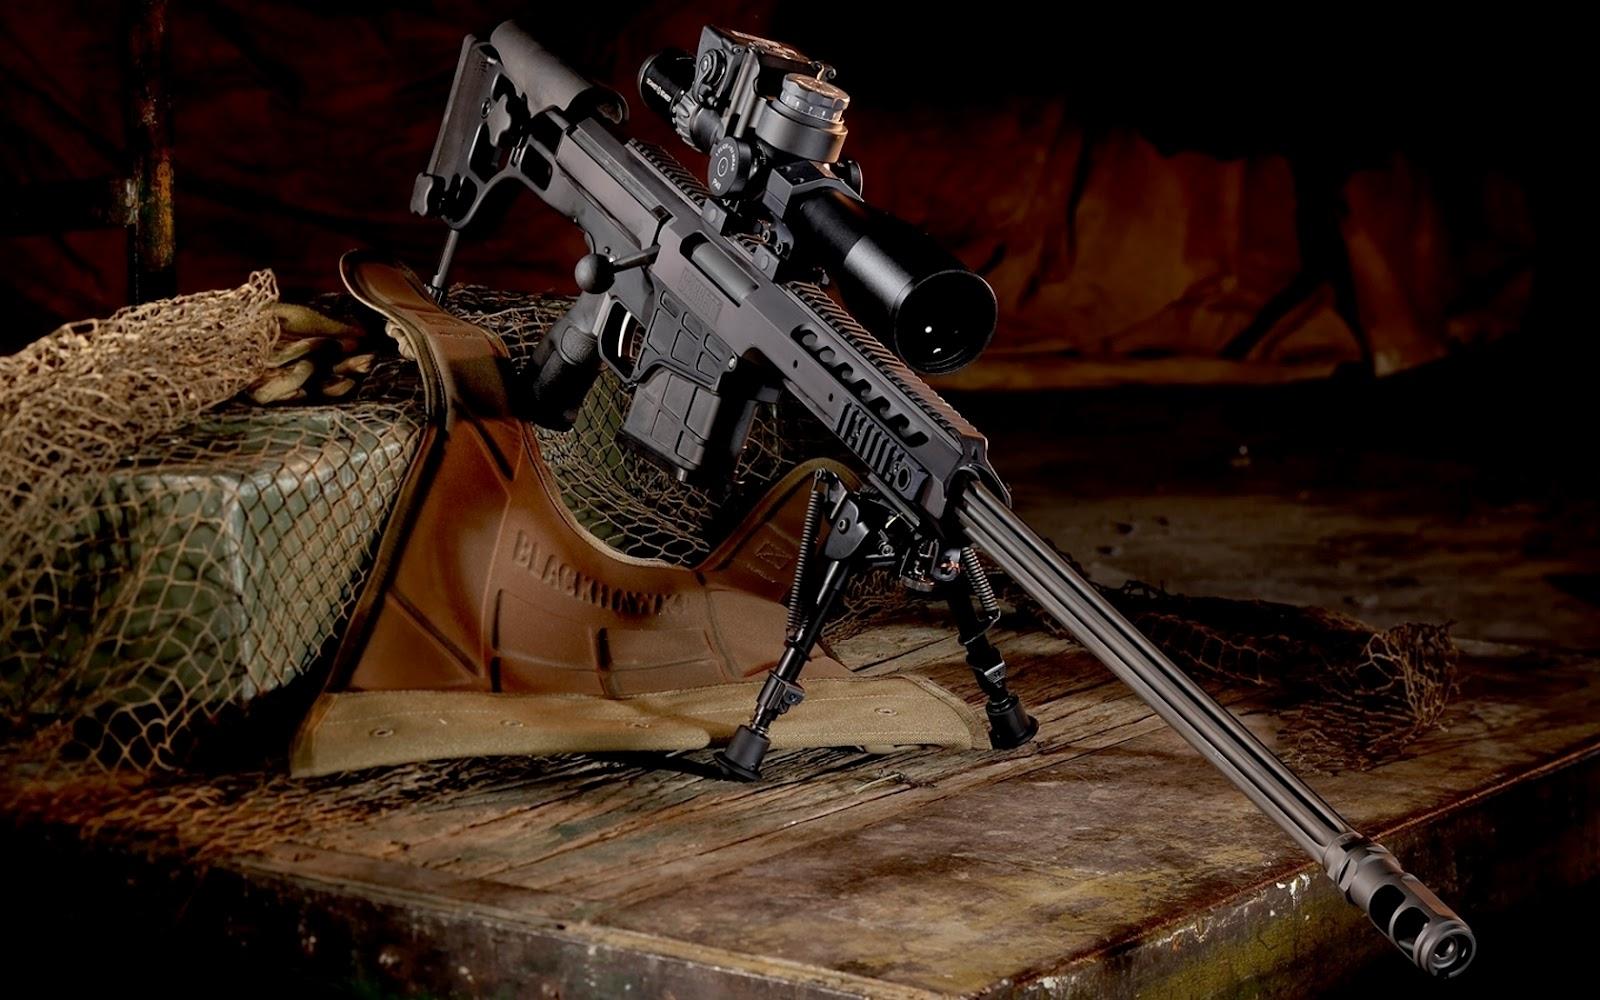 Sniper Airsoft Gun Wallpaper Desktop Wallpaper WallpaperLepi 1600x1000